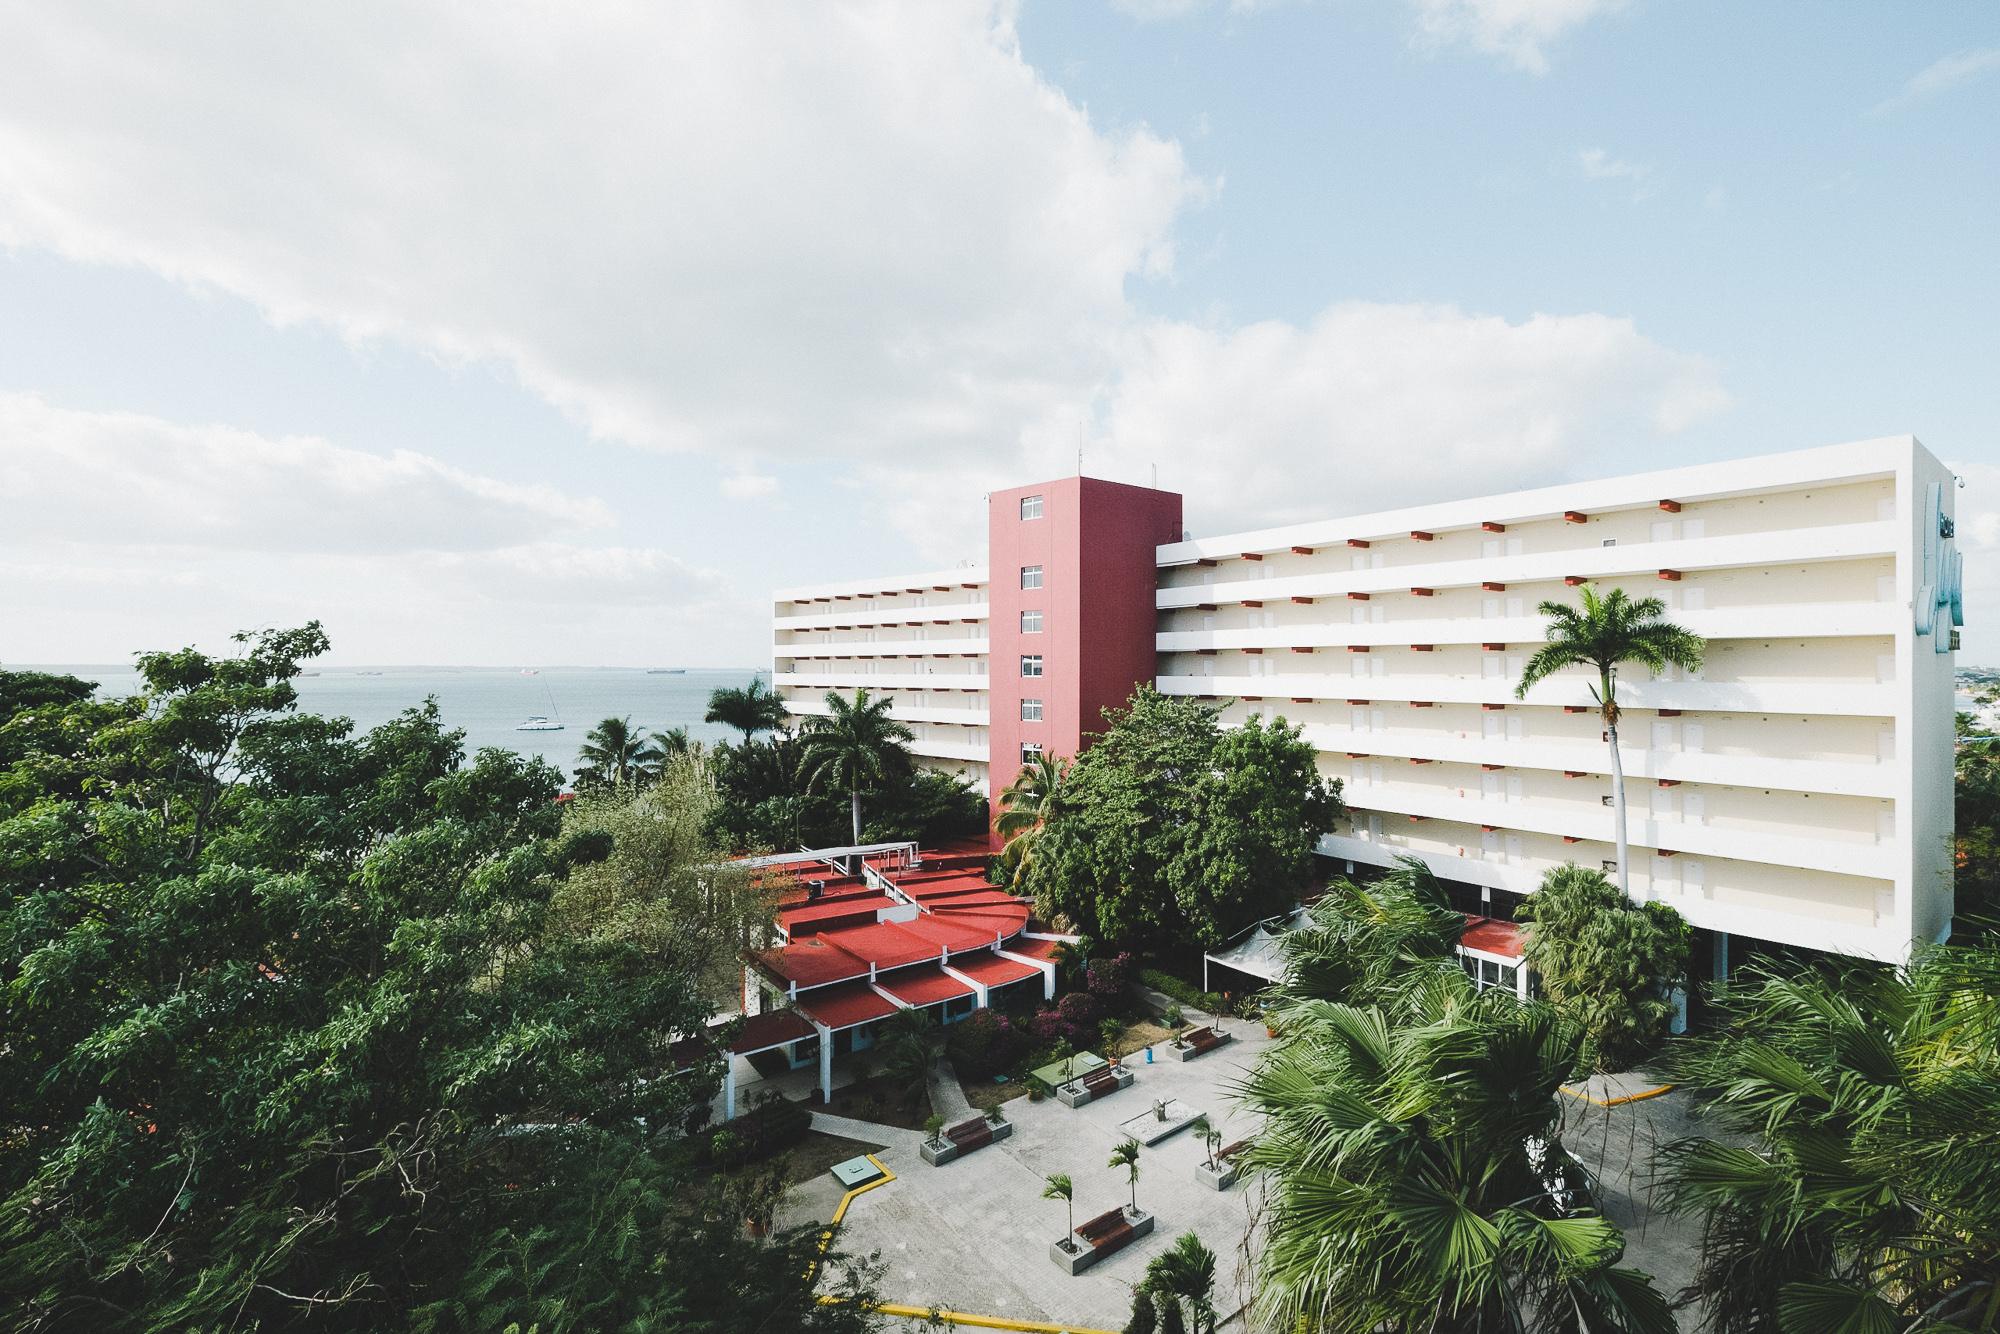 Hotel Jagua, built in 1950s